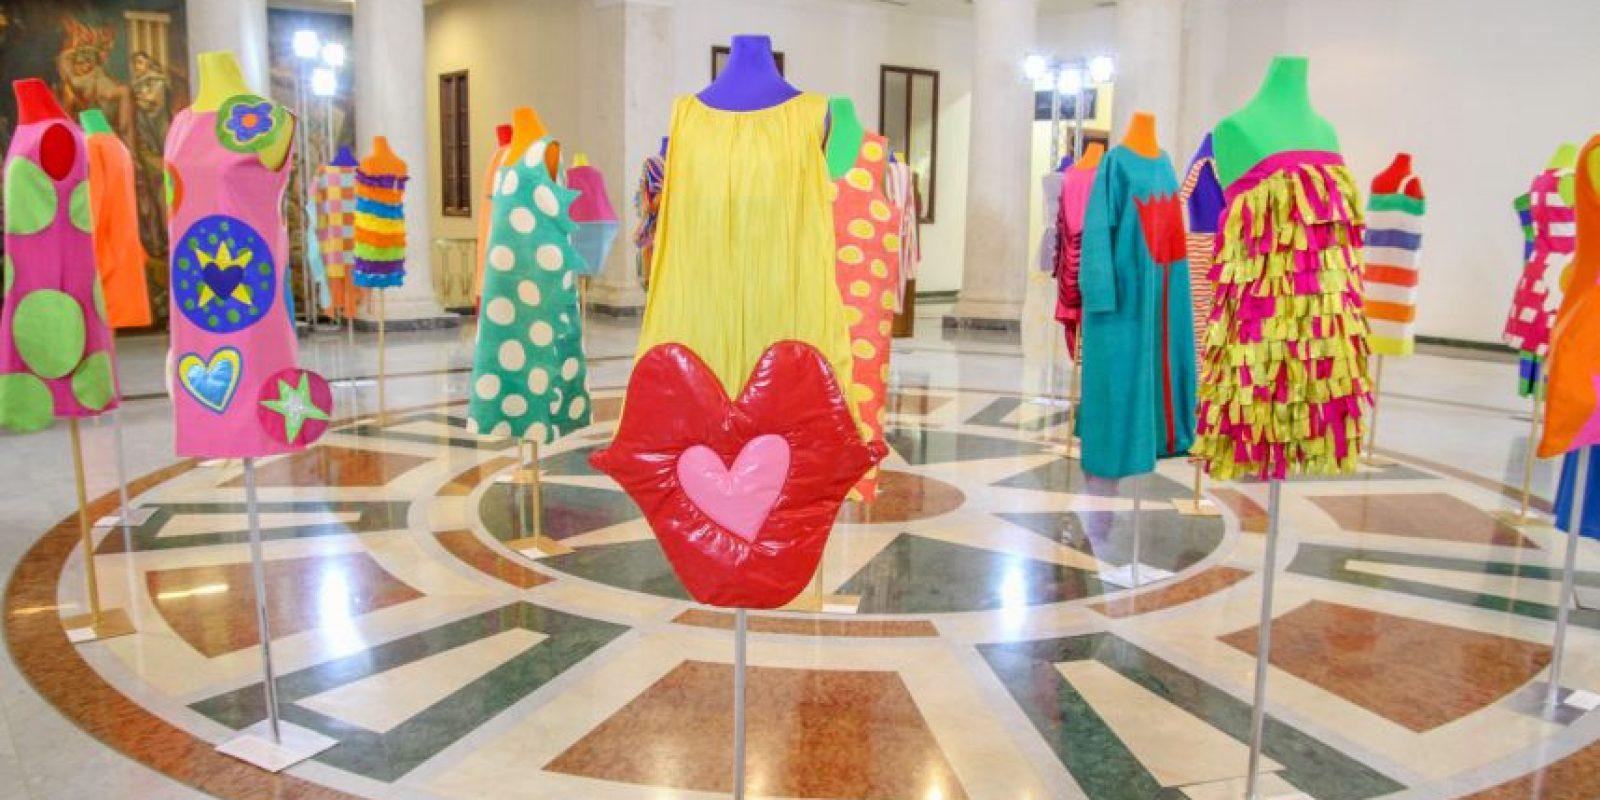 Agatha en Bellas Artes. Entre las actividades paralelas a los desfiles, destacó la inauguración de la exposición retrospectiva de la diseñadora Agatha Ruiz de la Prada en la Galería de Bellas Artes. Foto:Freddy Cruz